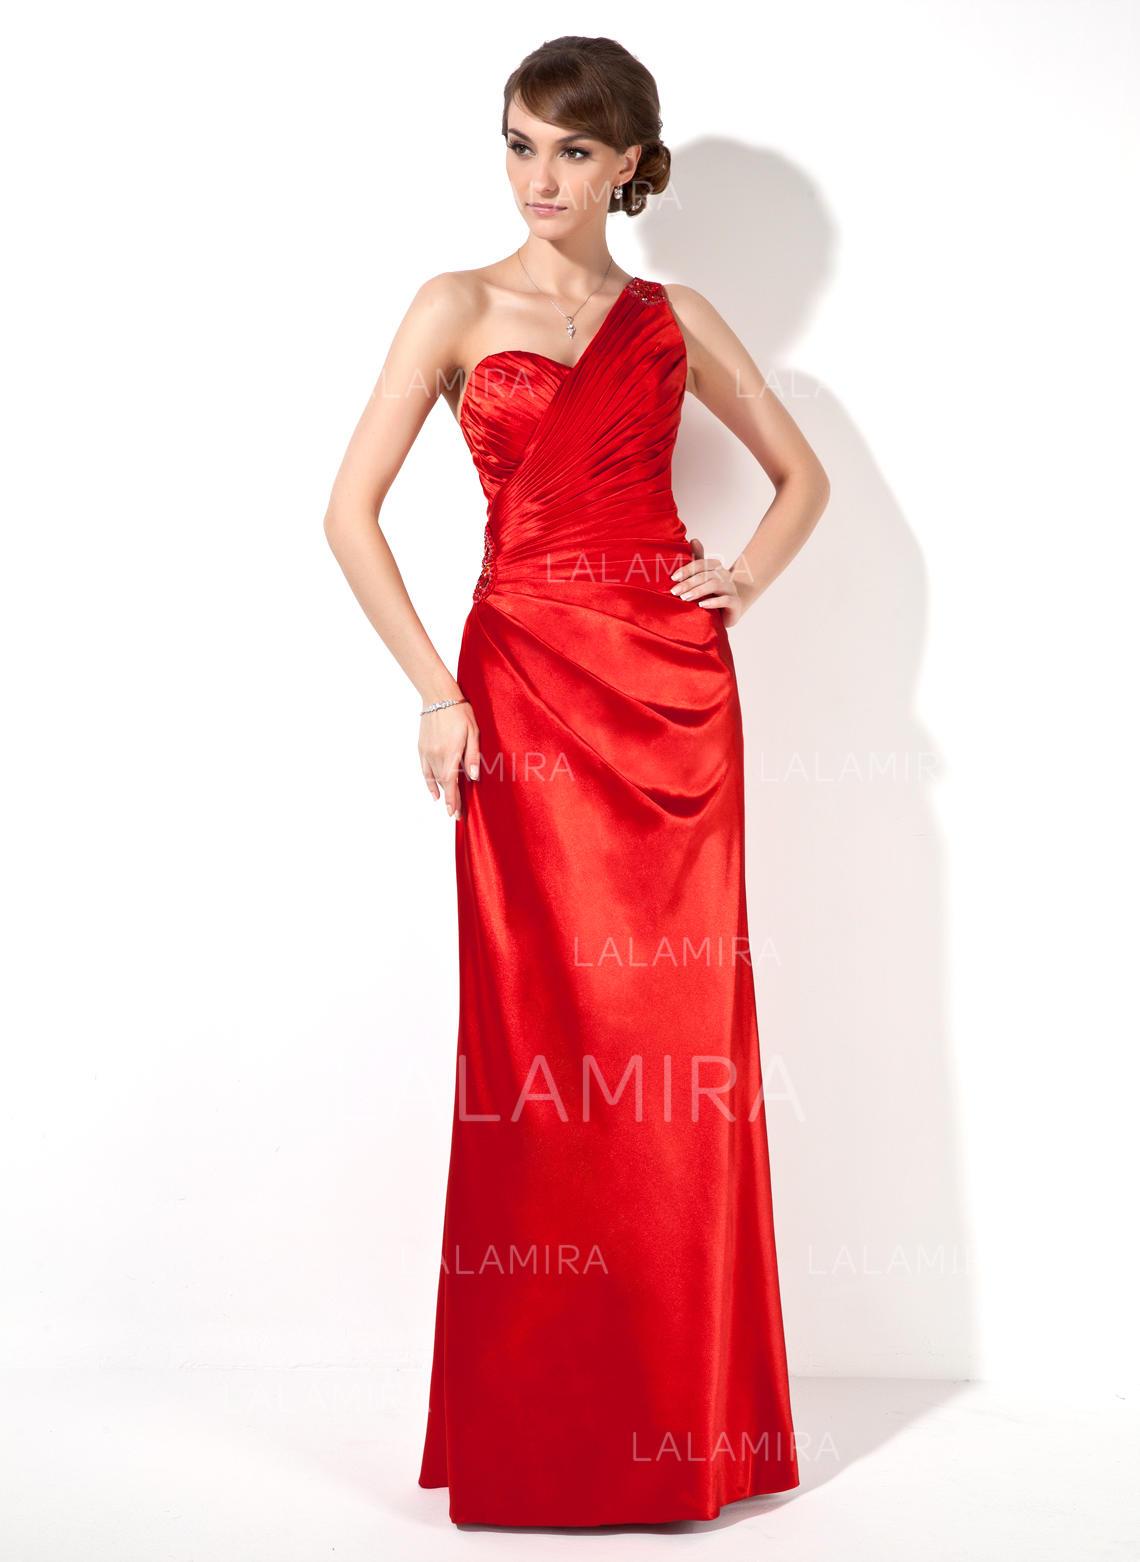 47cab1d7aa272 Glamour Charmeuse Robes de soirée Forme Fourreau Longueur ras du sol Seule- épaule Sans manches. Loading zoom